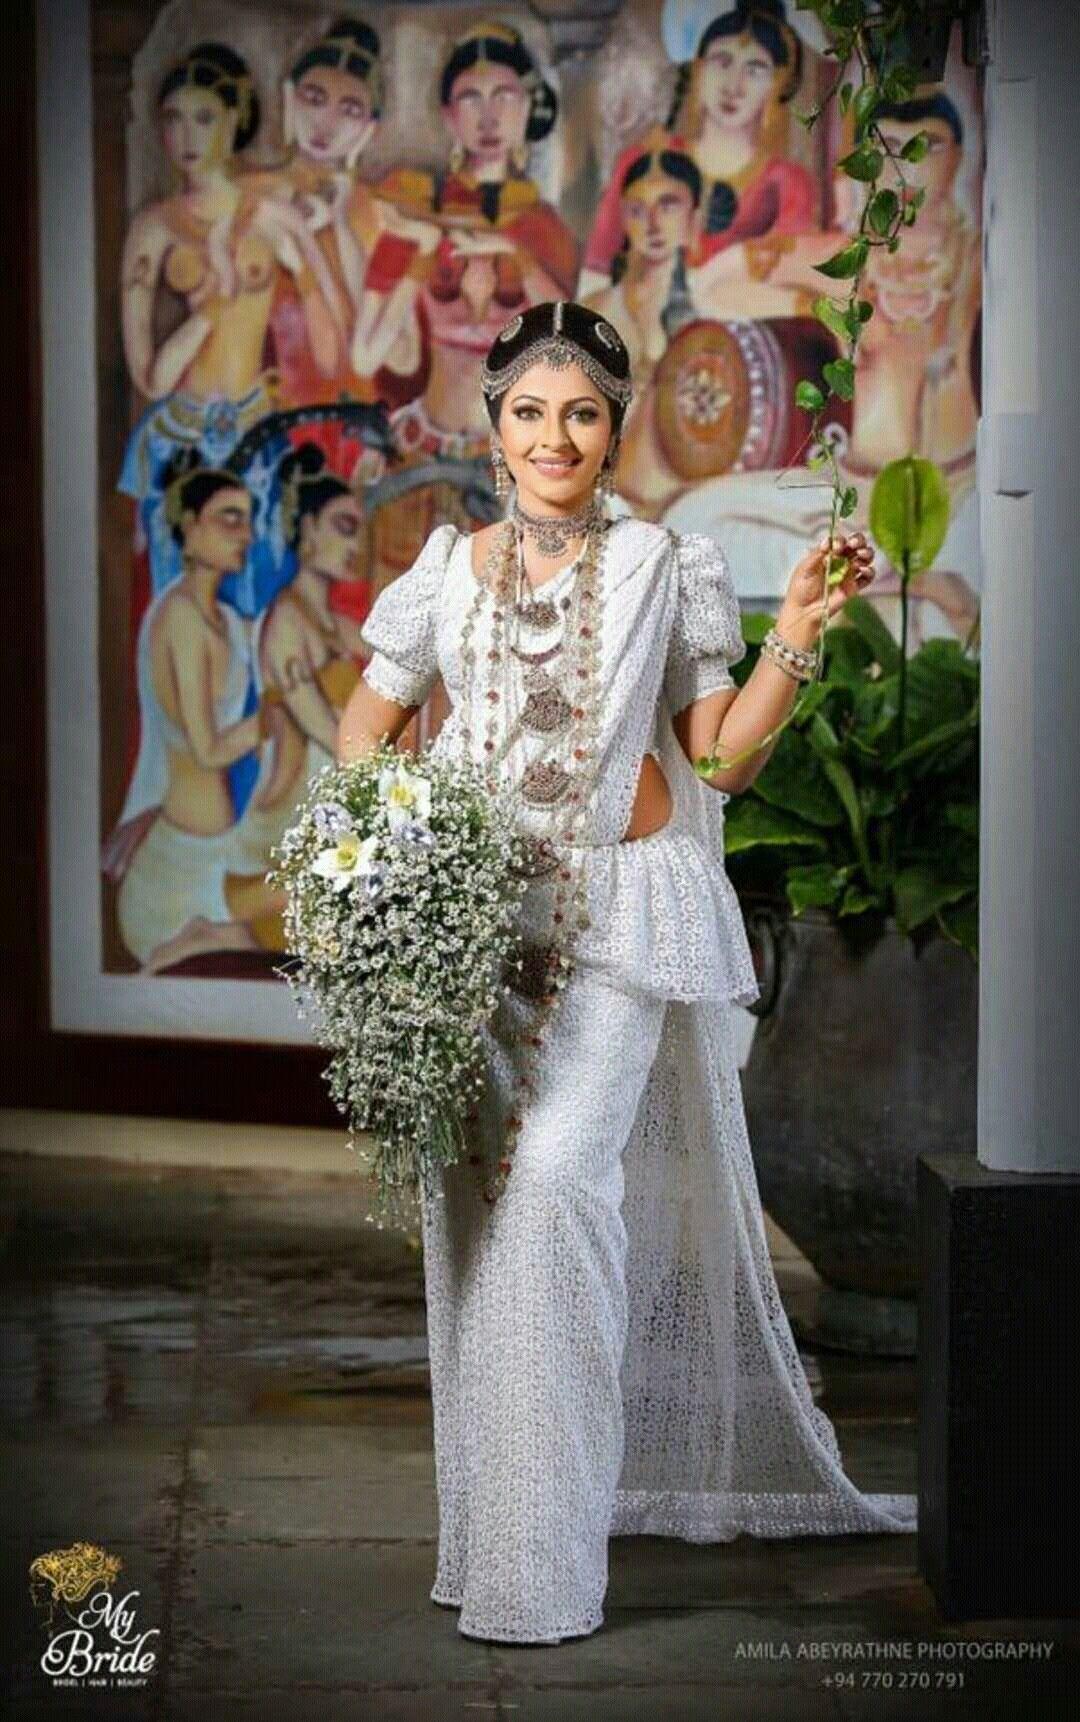 Kandiyan Bride Bridal Dress Design Saree Wedding Bridal Saree